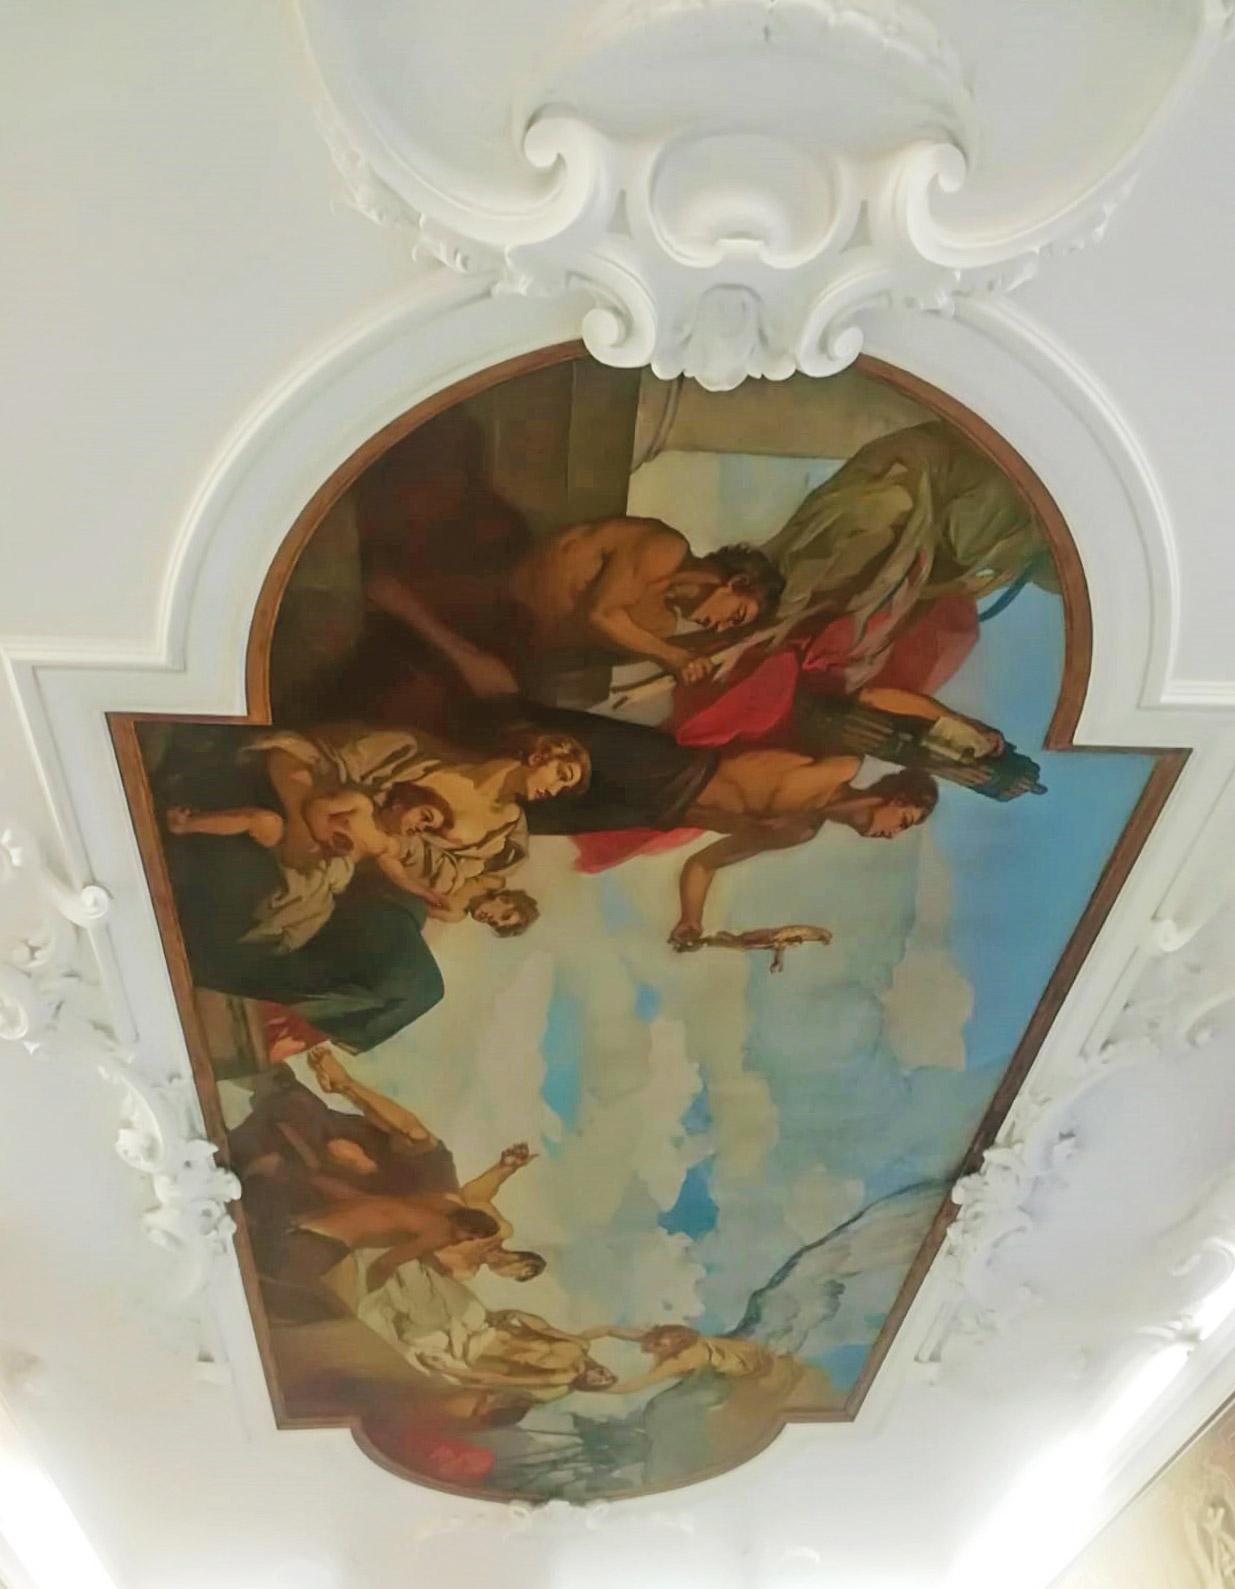 pitture-decorative-ristrutturazioni-edili-latina-soffitto-affresco